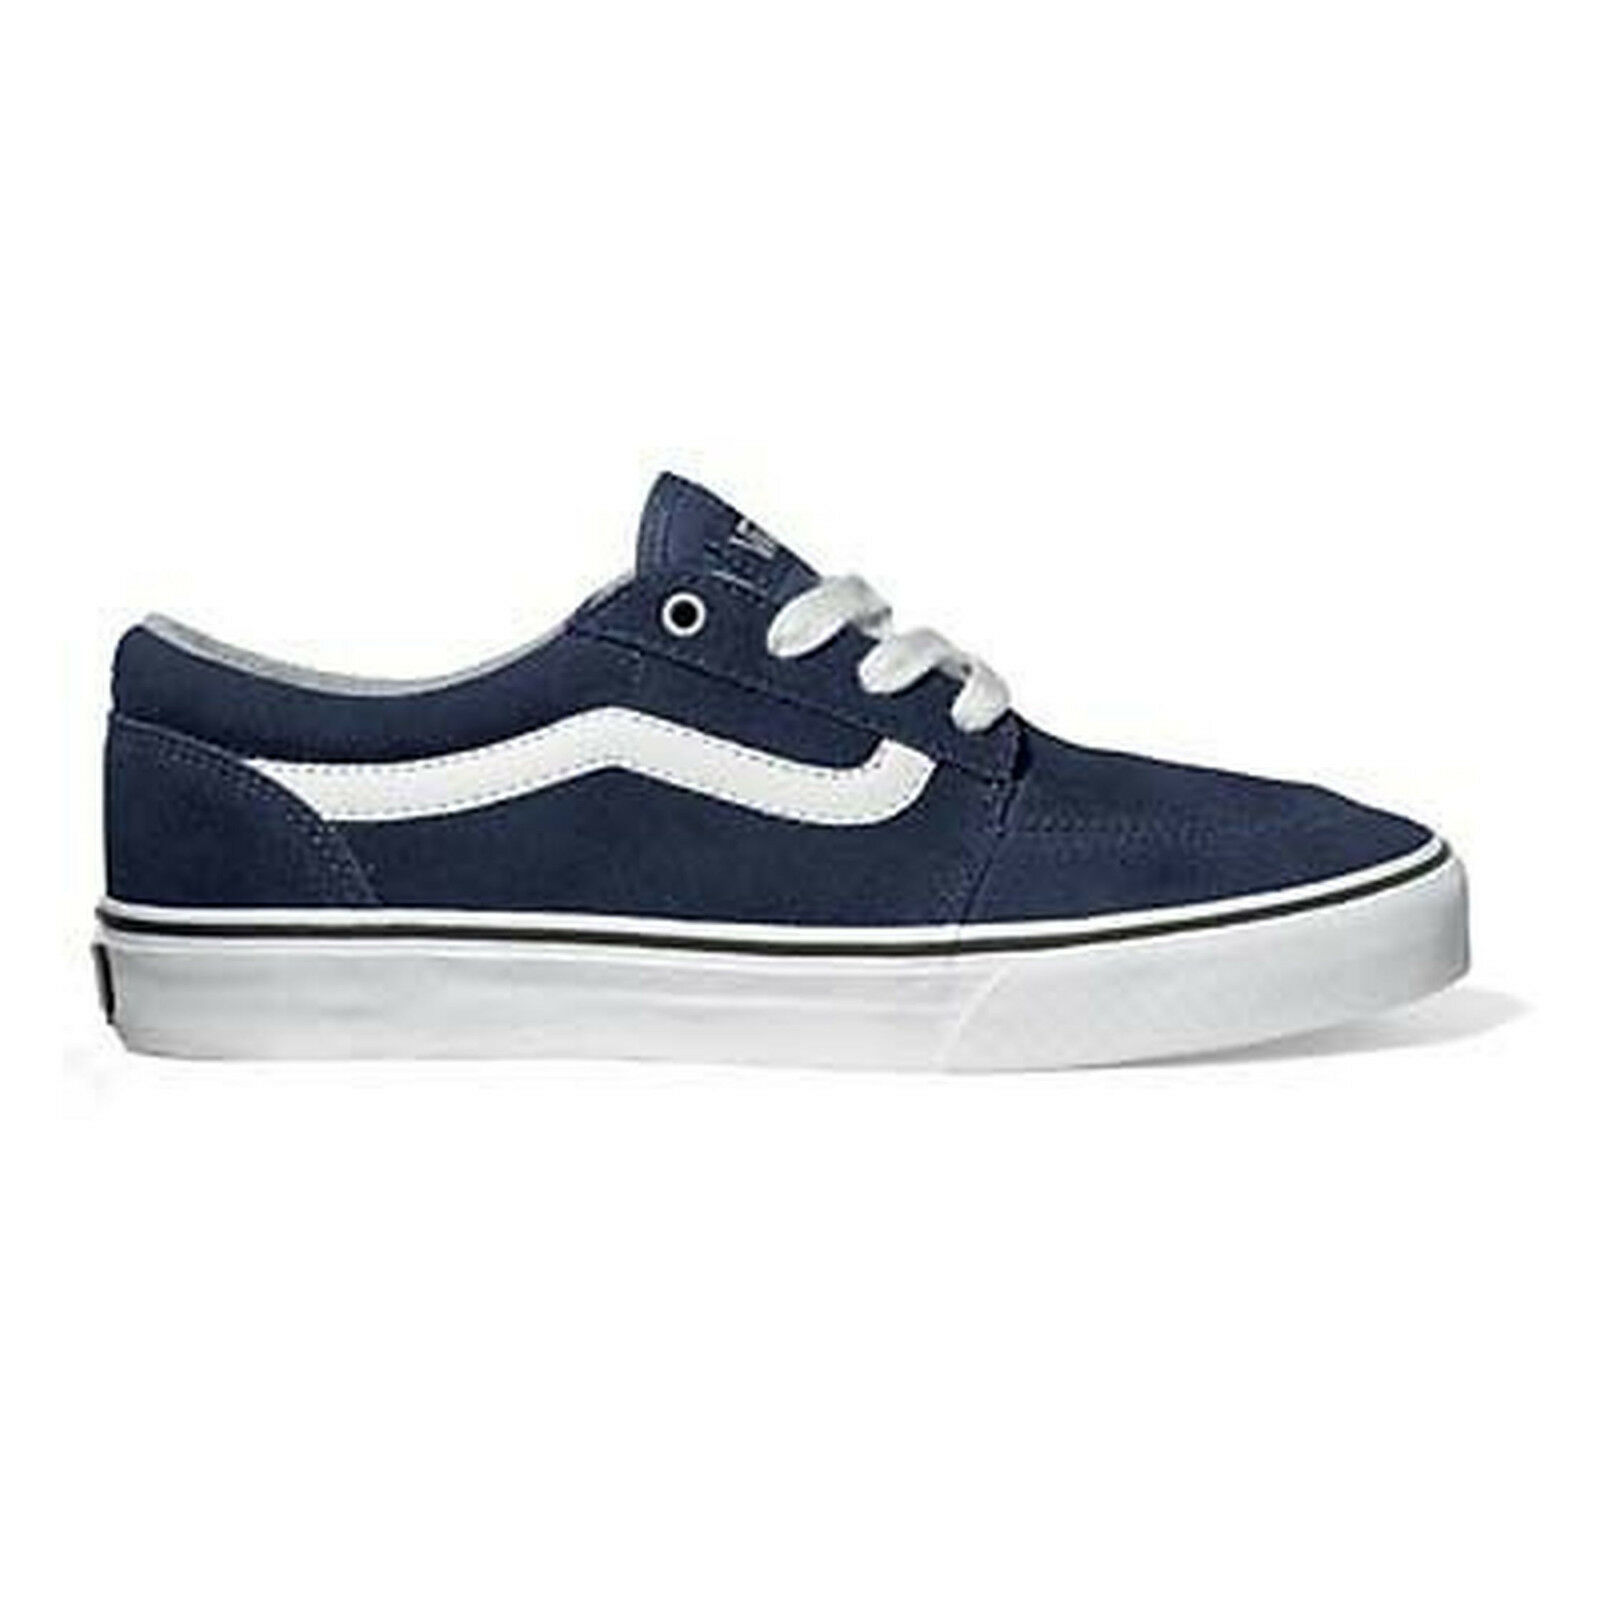 Details zu Vans Skaterschuhe Sneaker Collins NEU